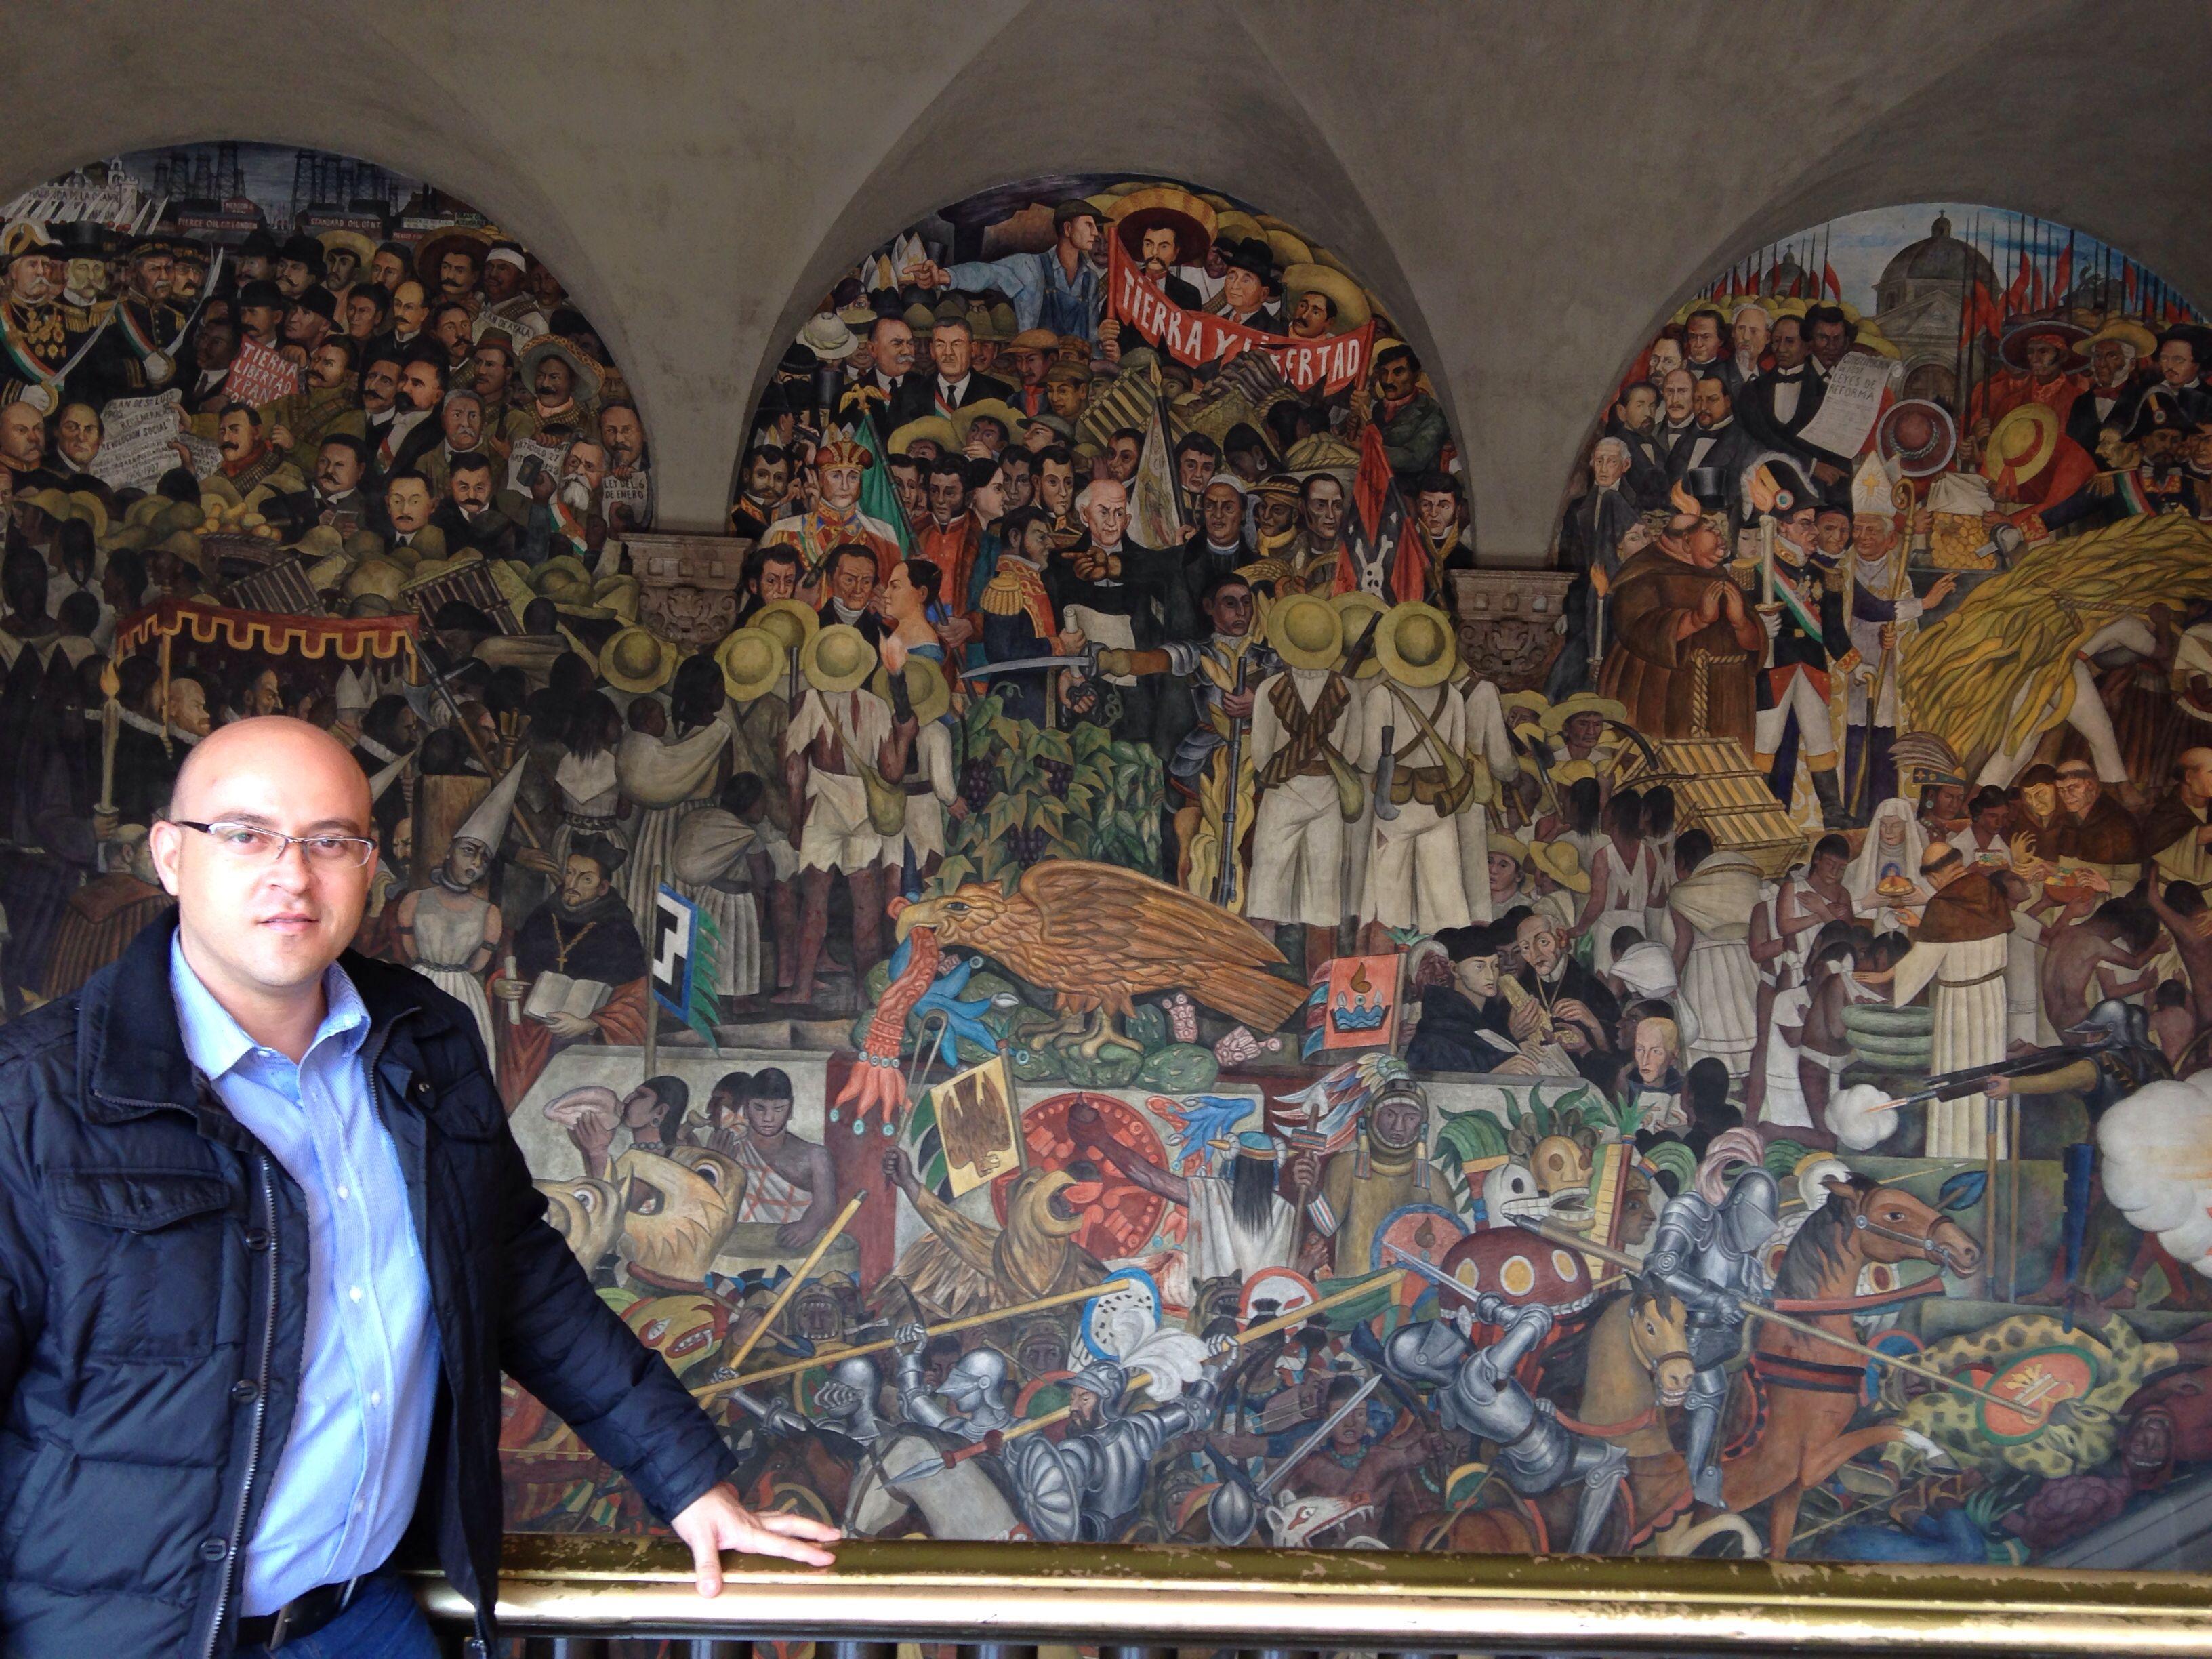 Hermosa la historia de México plasmada en estos murales de Diego Rivera en Palacio Nacional!